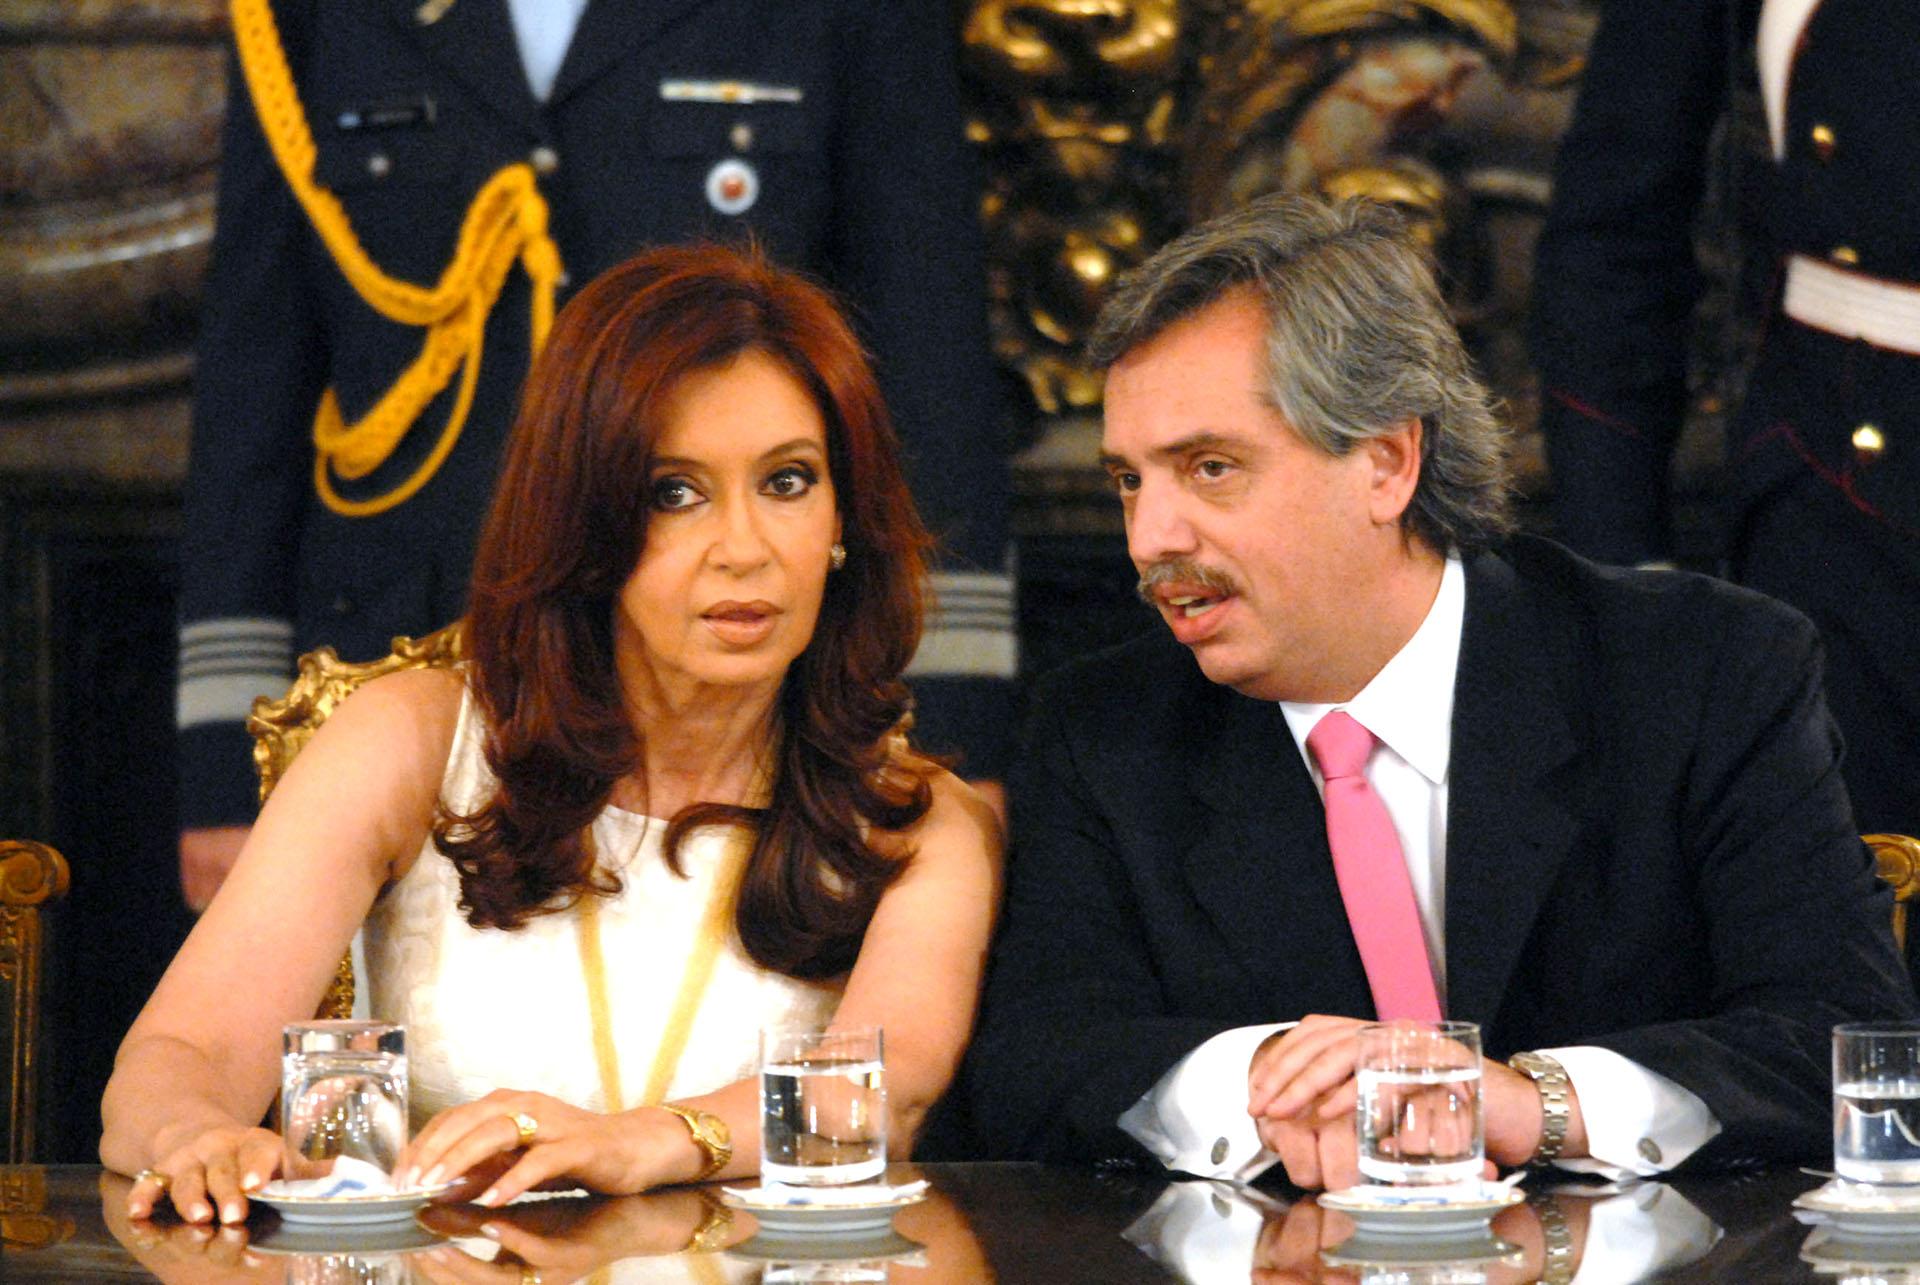 La conoció a Cristina Kirchner cuando ella aún era senadora nacional por Santa Cruz. Siempre compartieron una visión